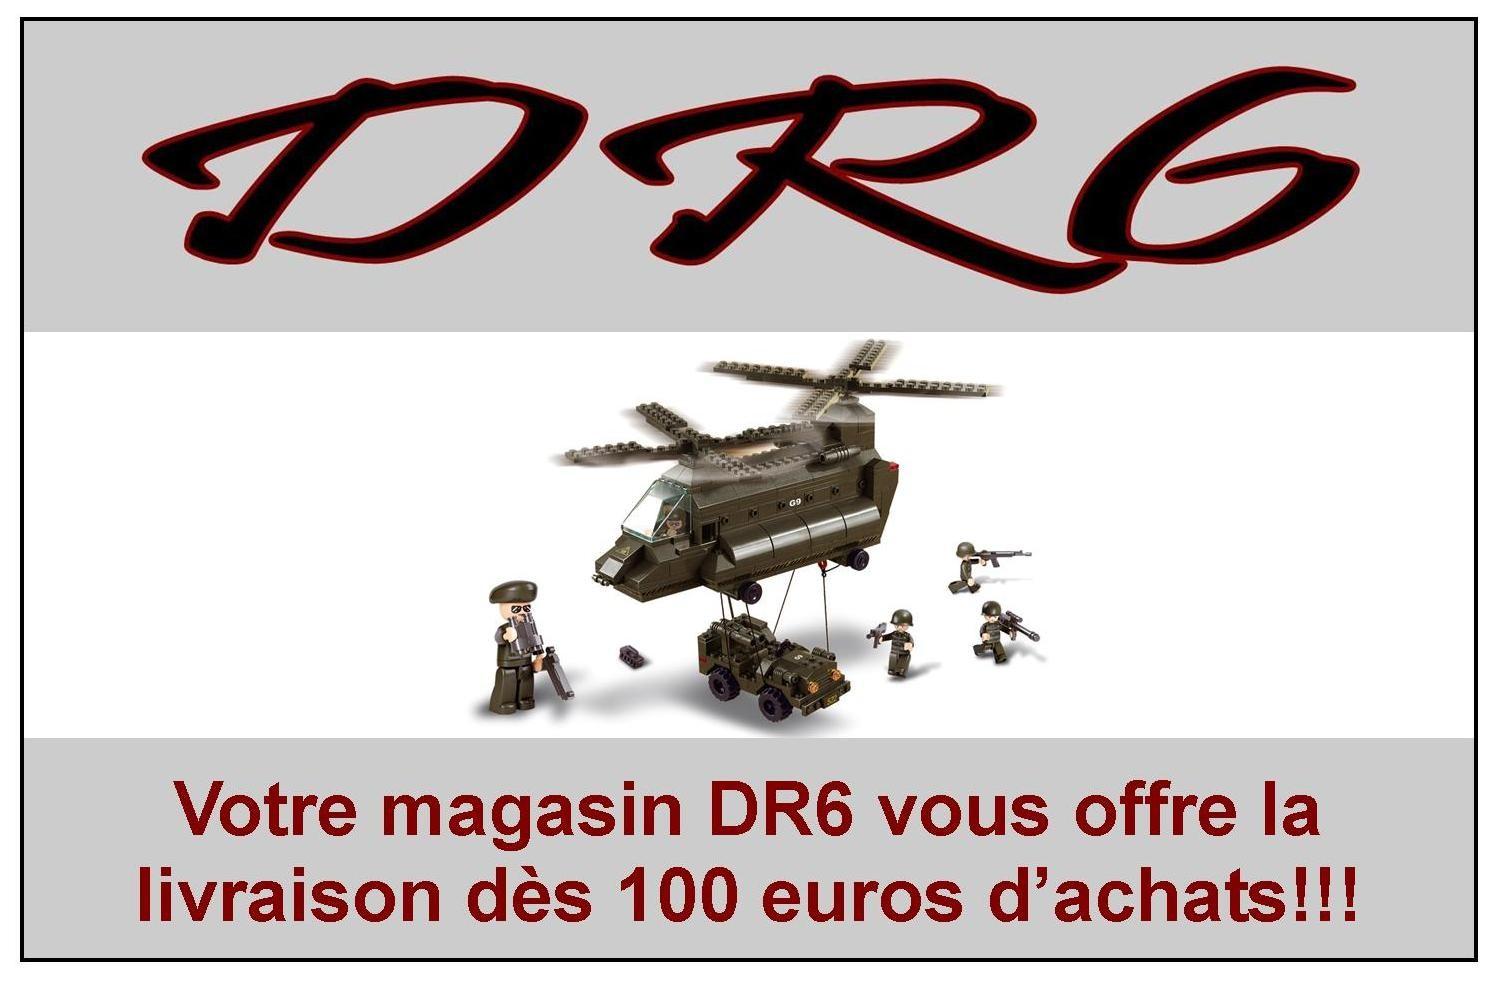 Votre magasin DR6 vous offre la livraison dès 100 euros d'achats.